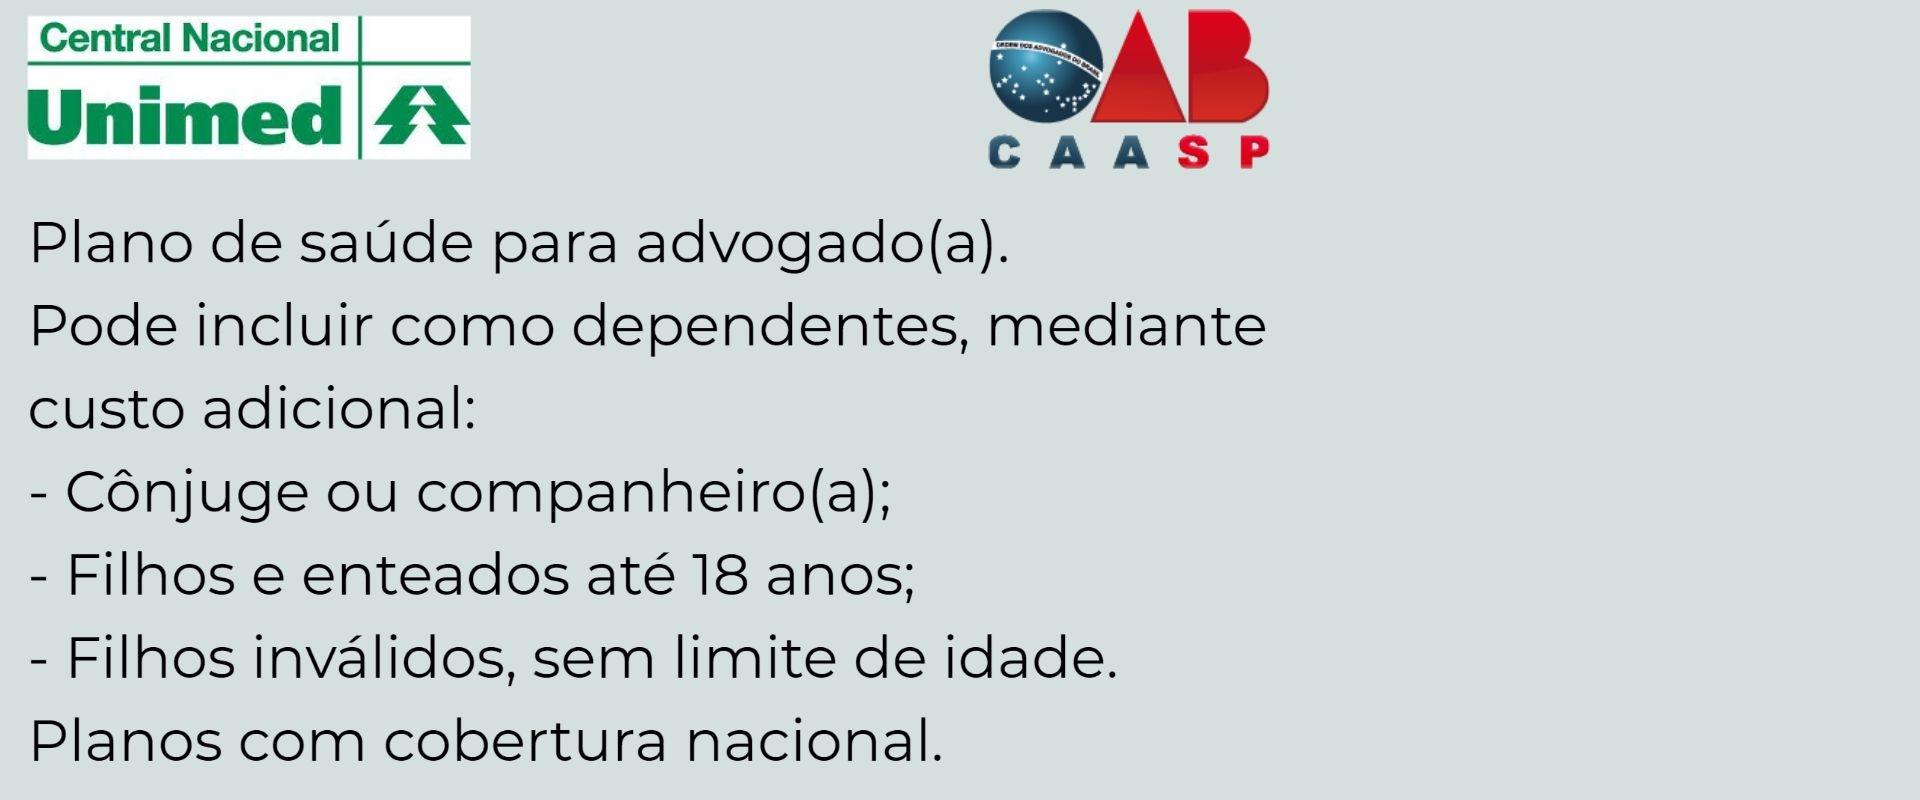 Unimed CAASP Santos